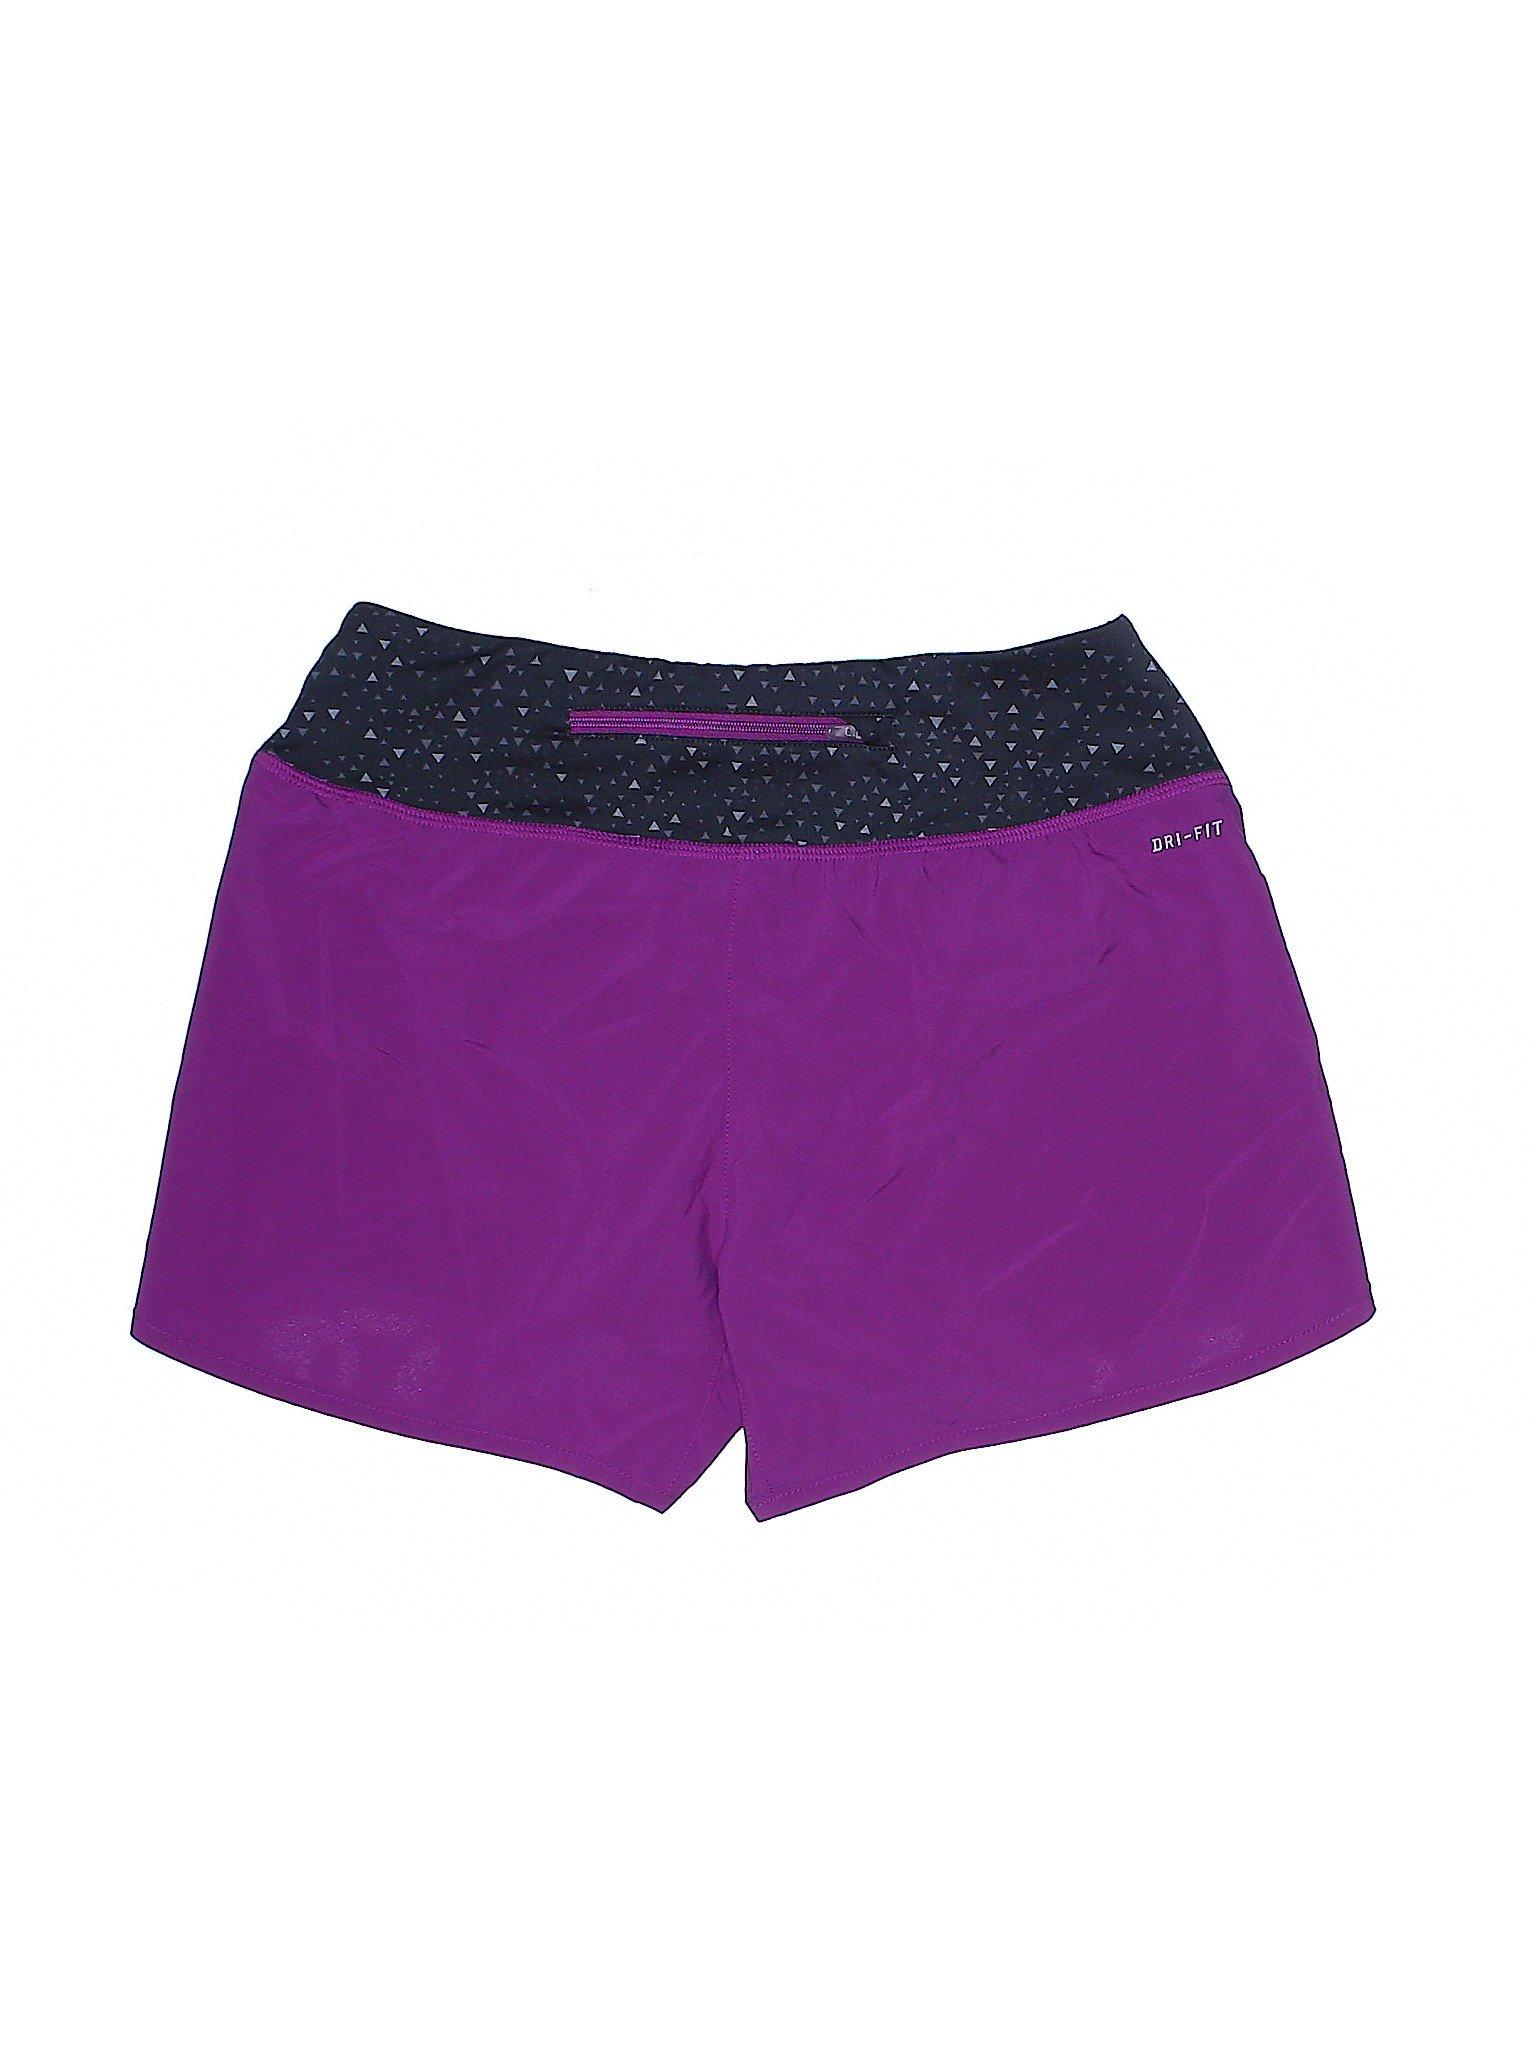 Boutique Shorts Nike Athletic Nike Boutique Athletic OXxq5P5Bw